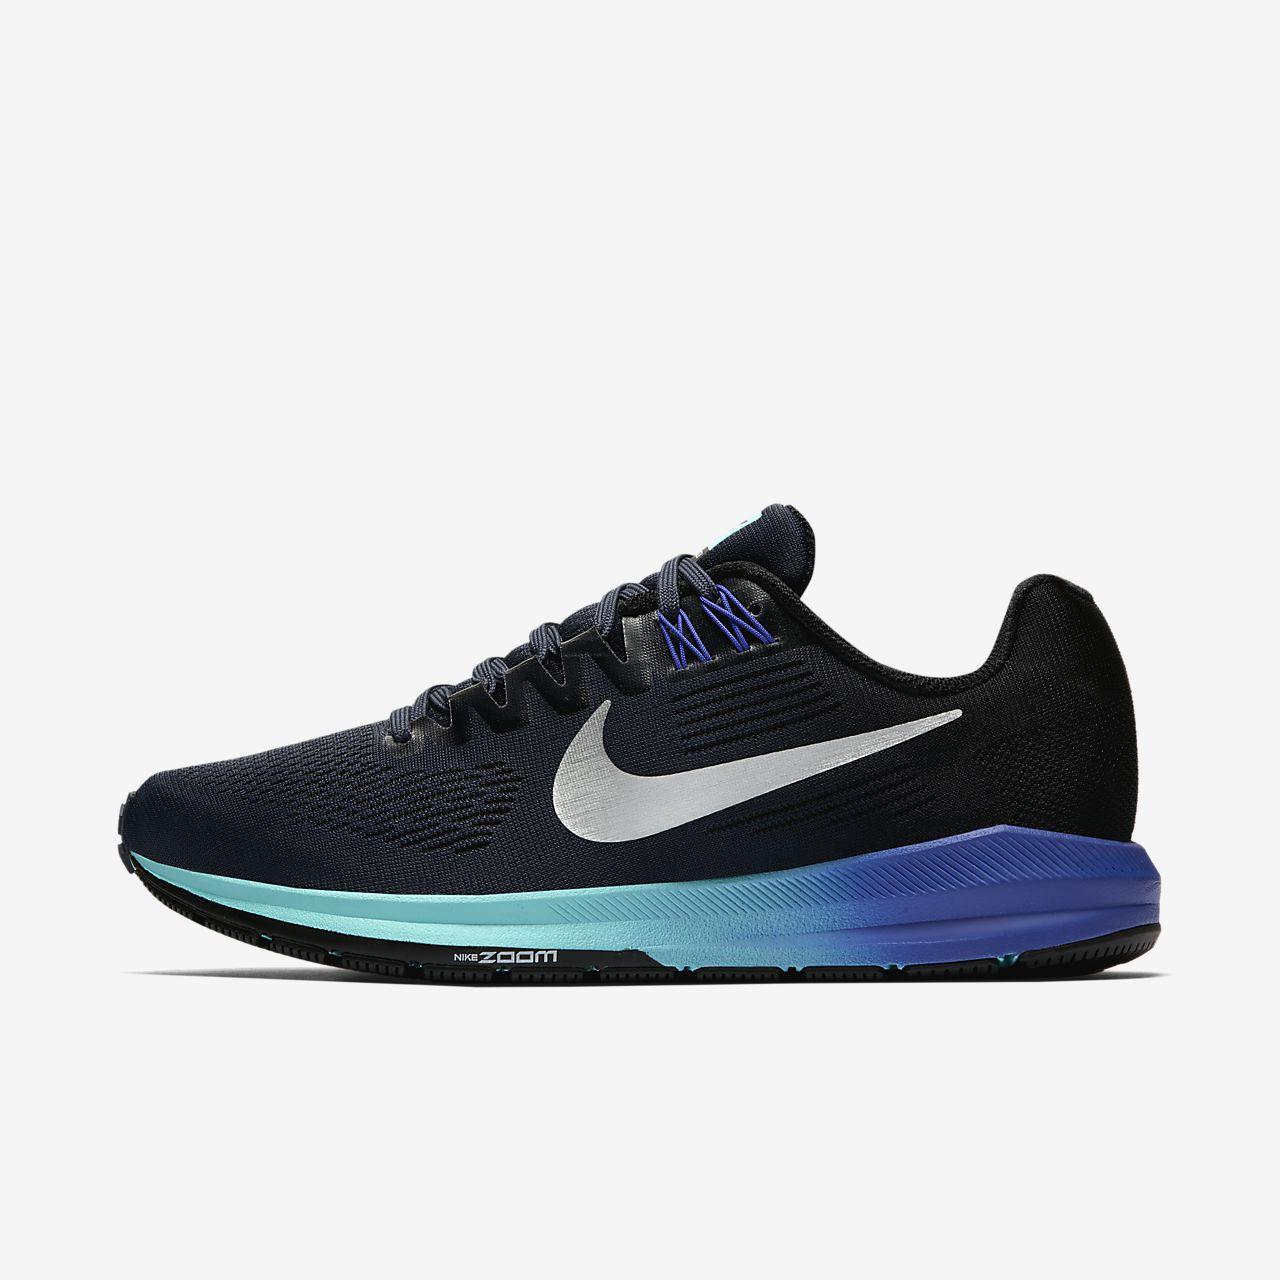 1bd69e6c5e9 Calzado de running para mujer Nike Air Zoom Structure 21. Nike.com CL